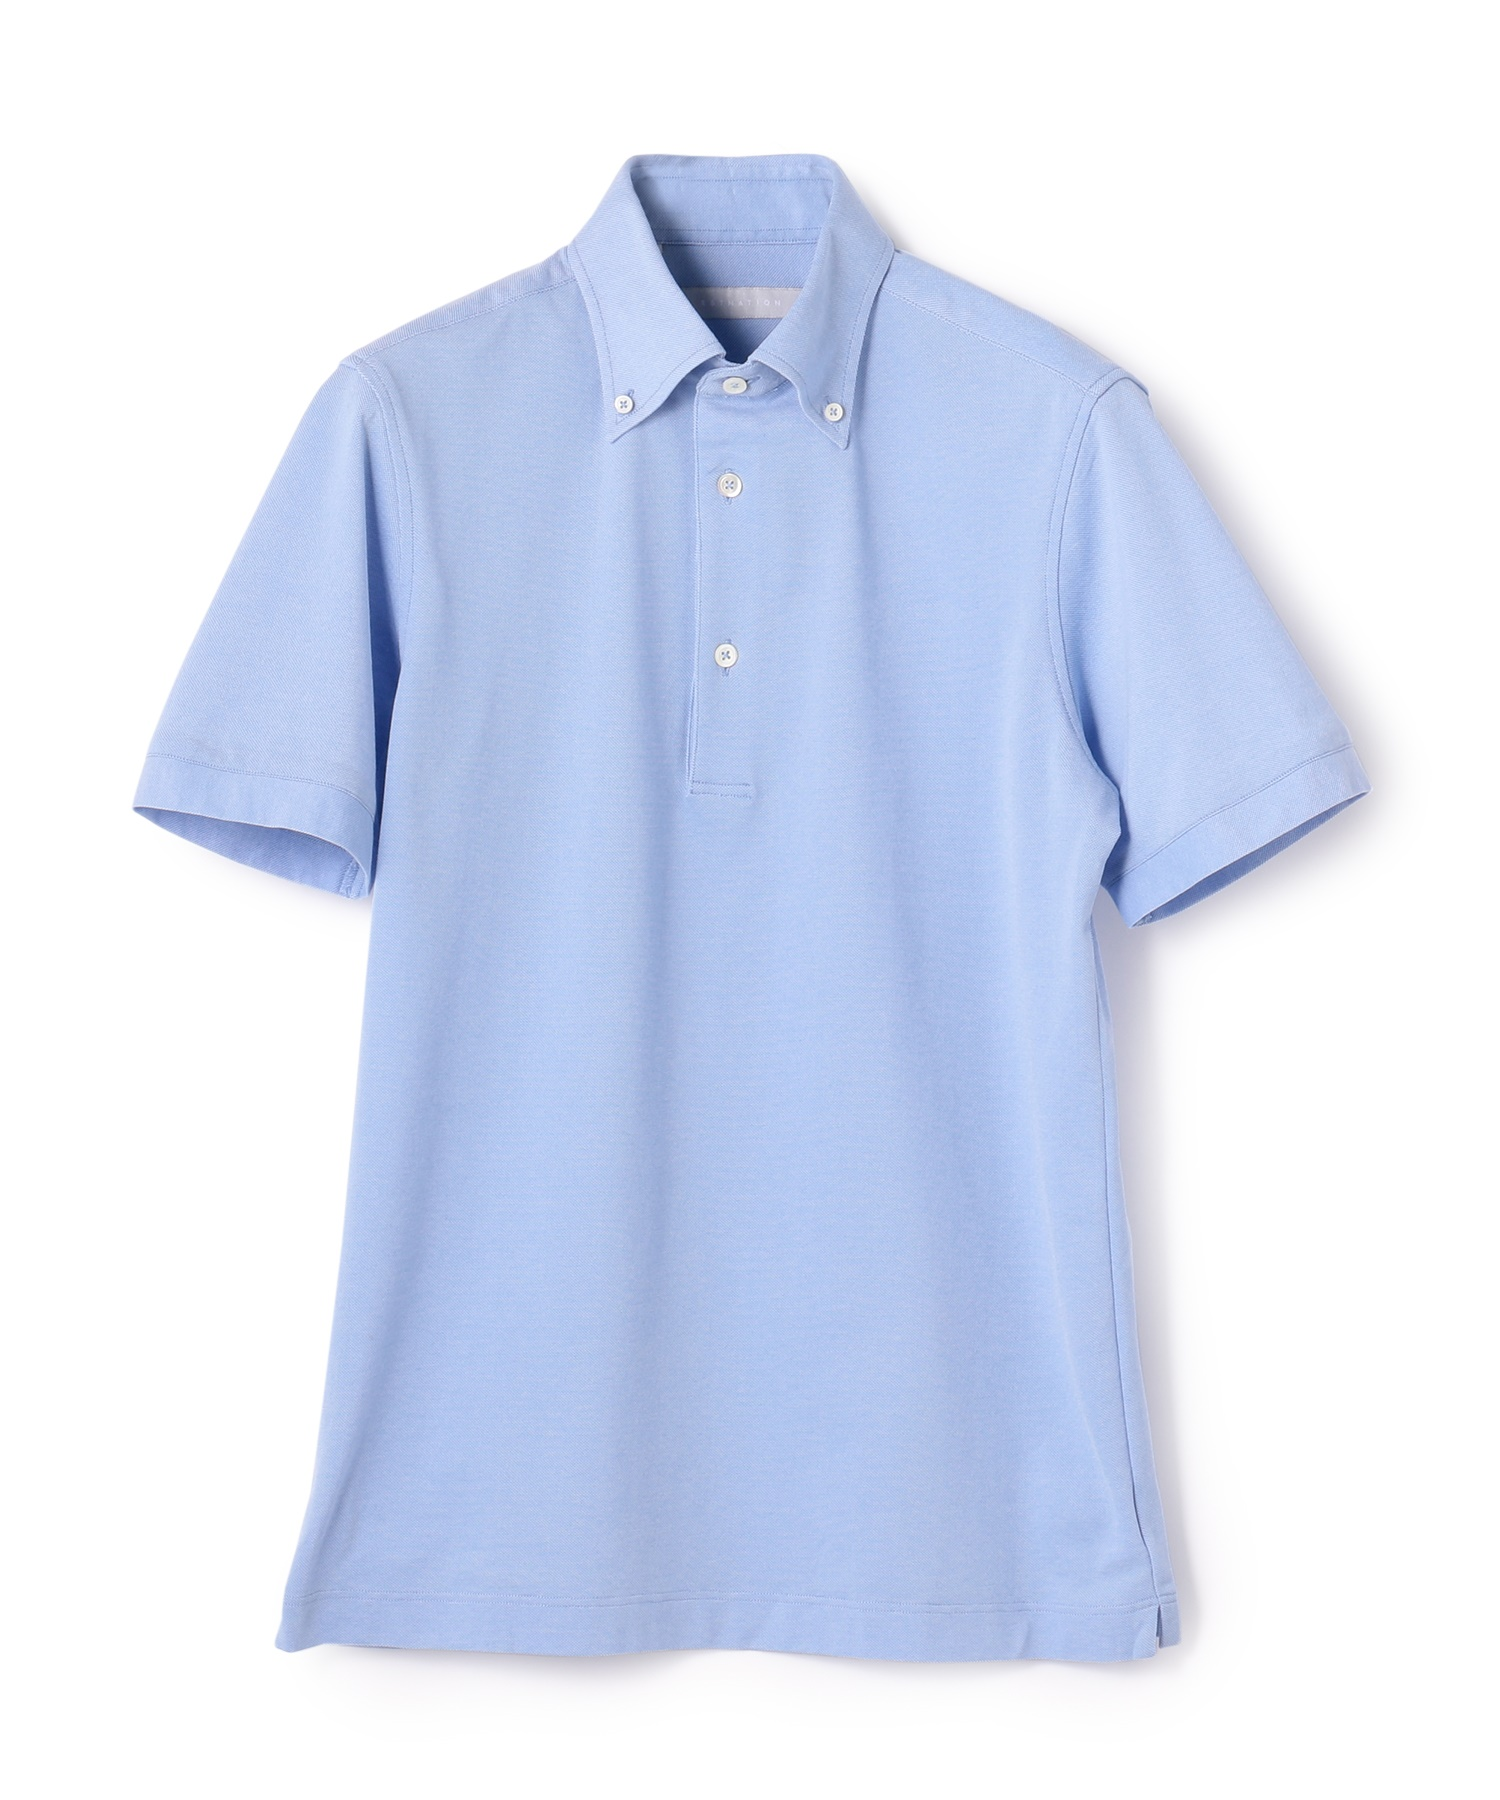 ESTNATION / 鹿の子半袖ボタンダウンポロシャツ